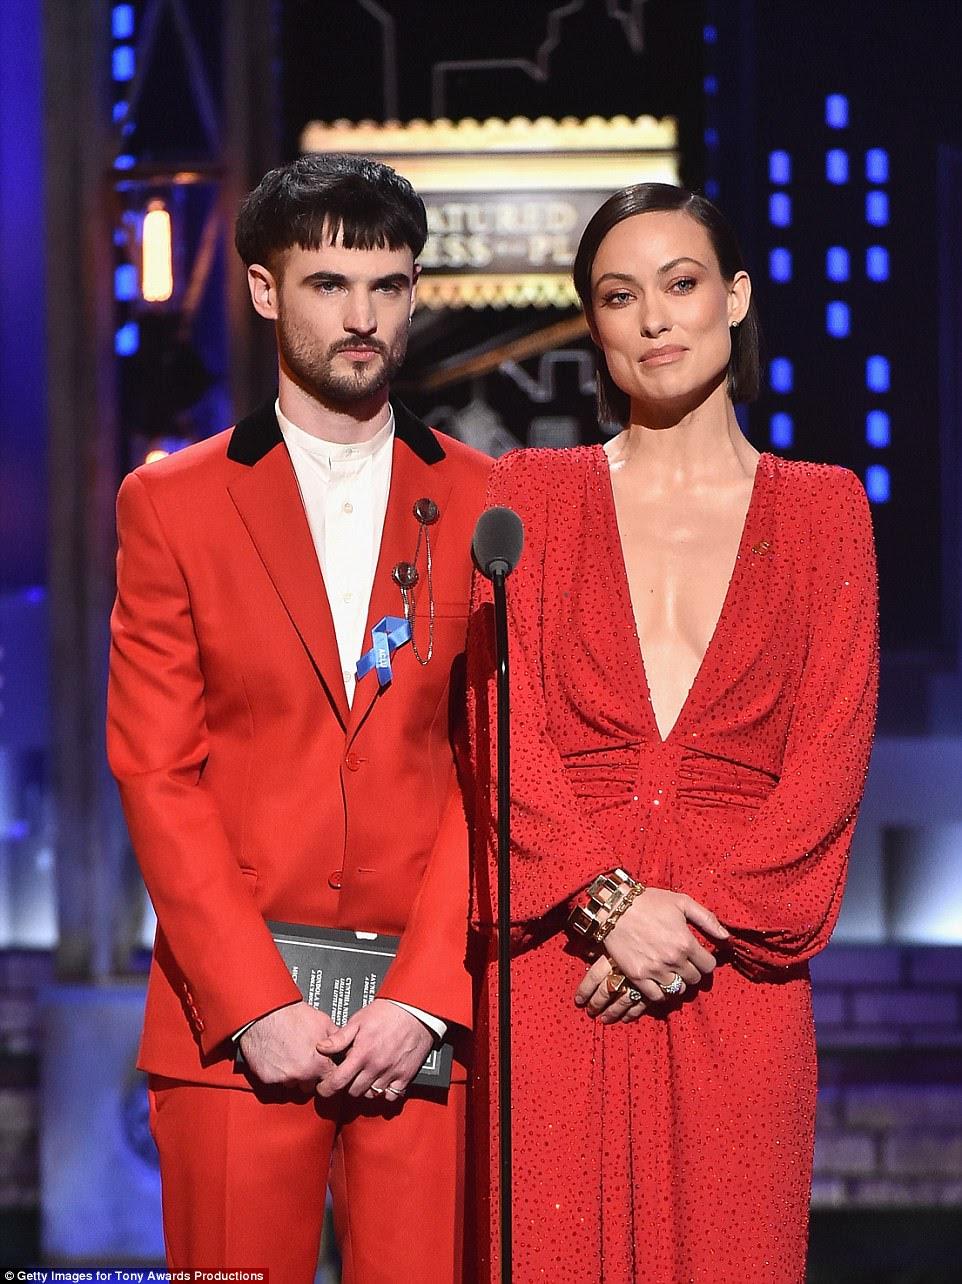 Duo: Olivia Wilde, com uma roupa vermelha brilhante com um decote que mergulhou no meio dela, apresentou o prêmio a Cynthia ao lado do Tom Sturridge